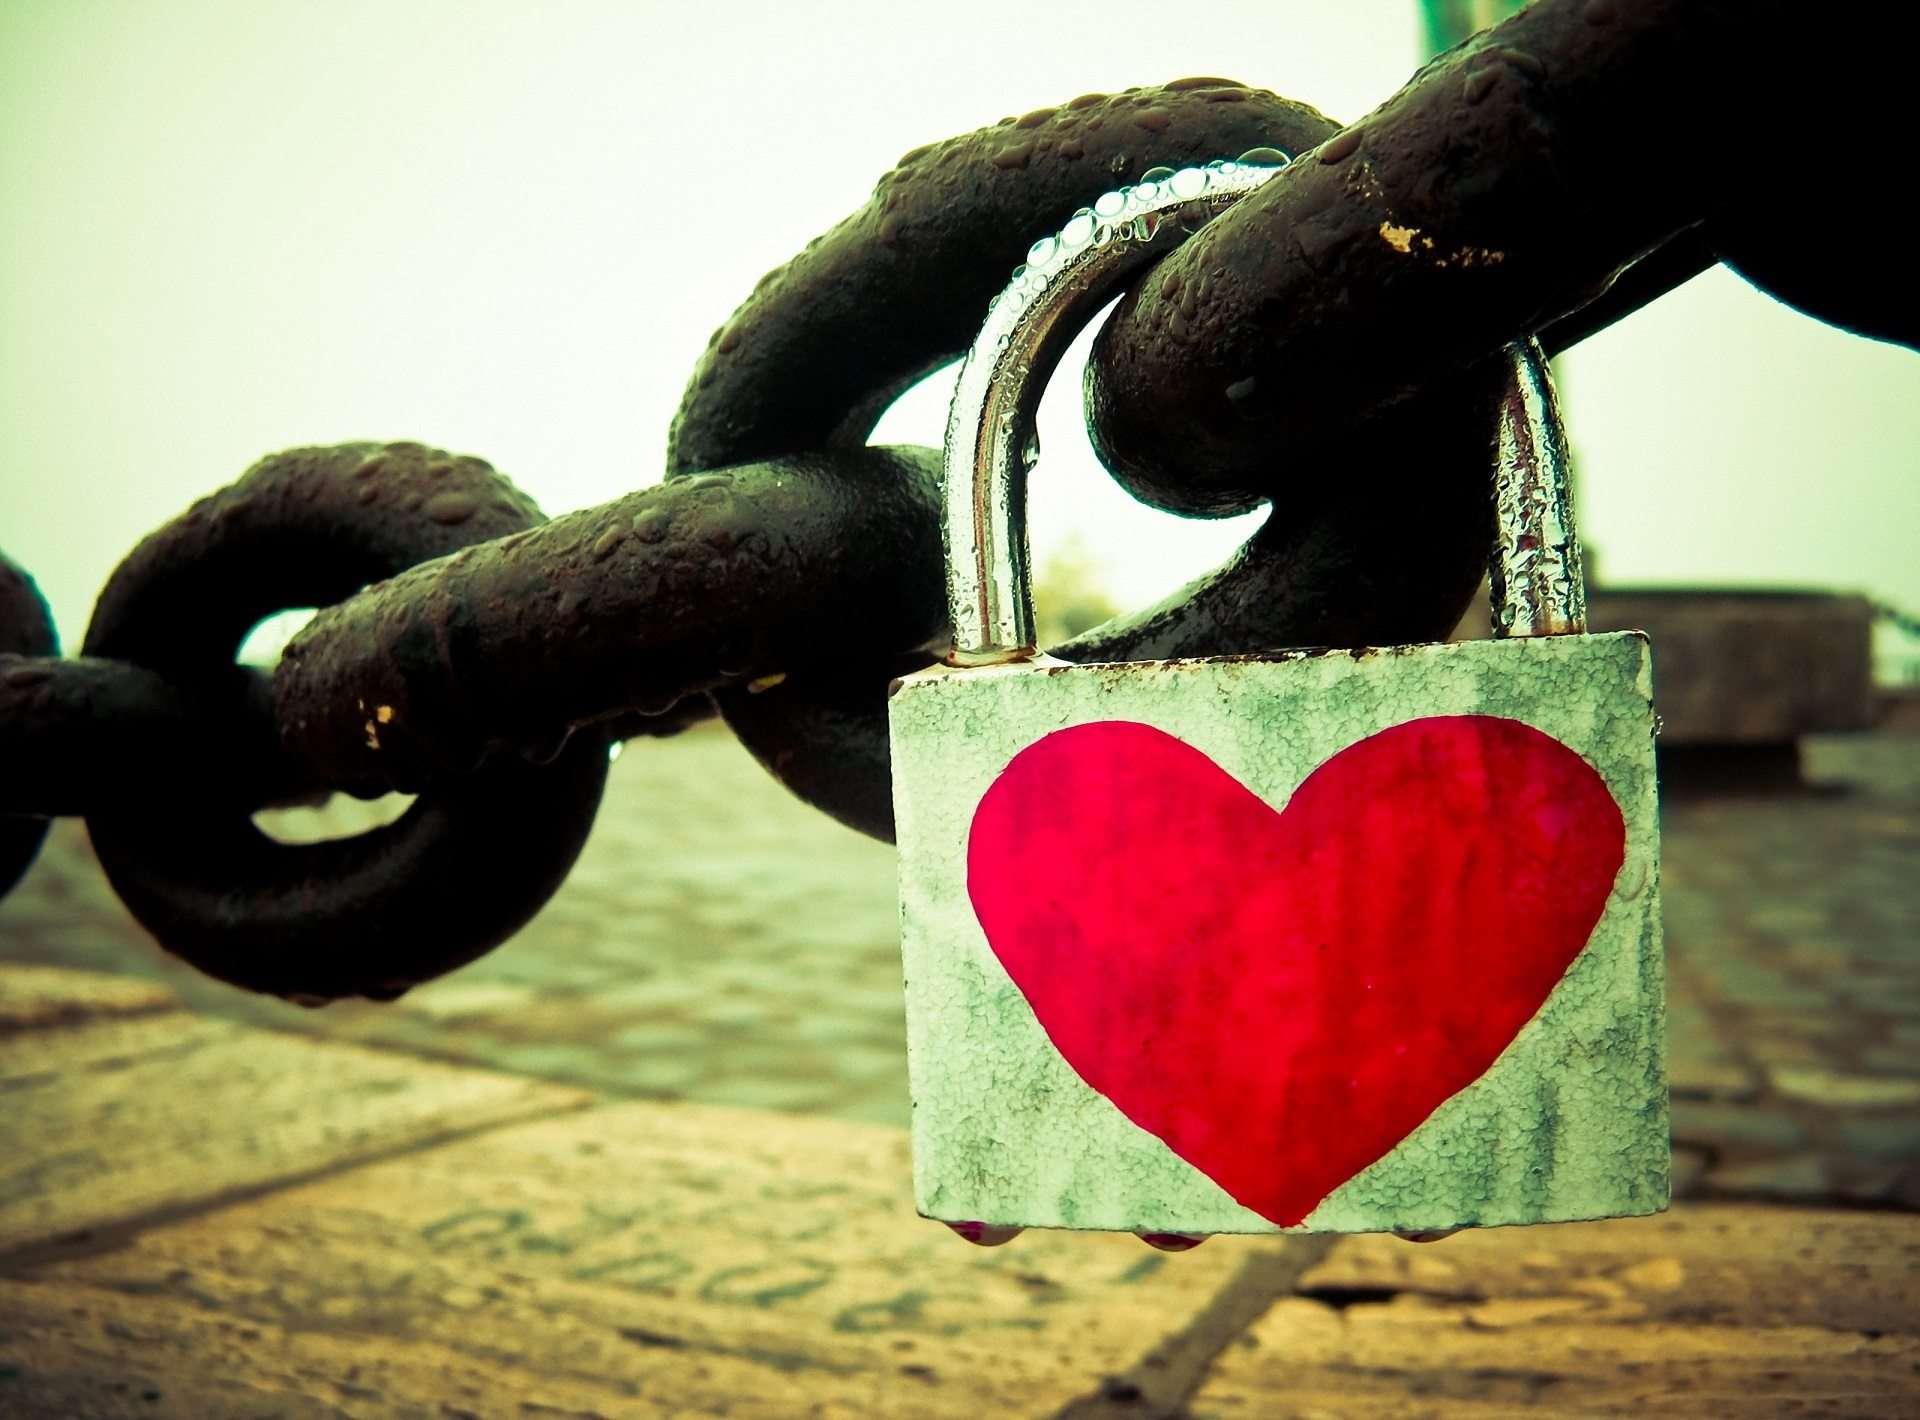 Hearth Love Wallpaper 031